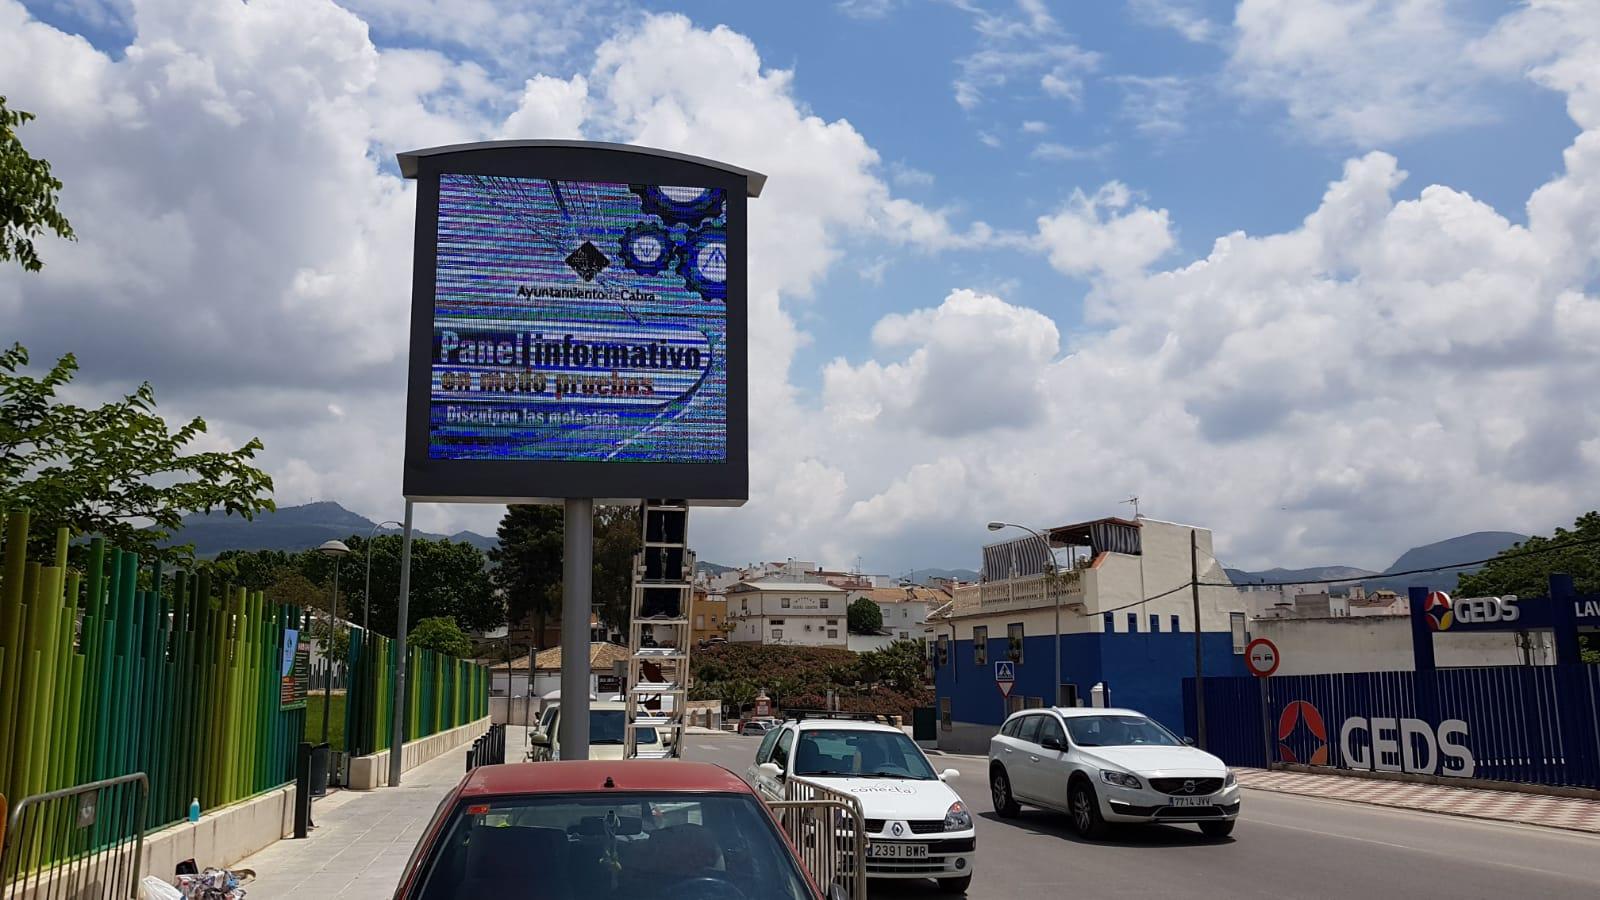 Instalada una pantalla LED que informará sobre los eventos comerciales y culturales de Cabra